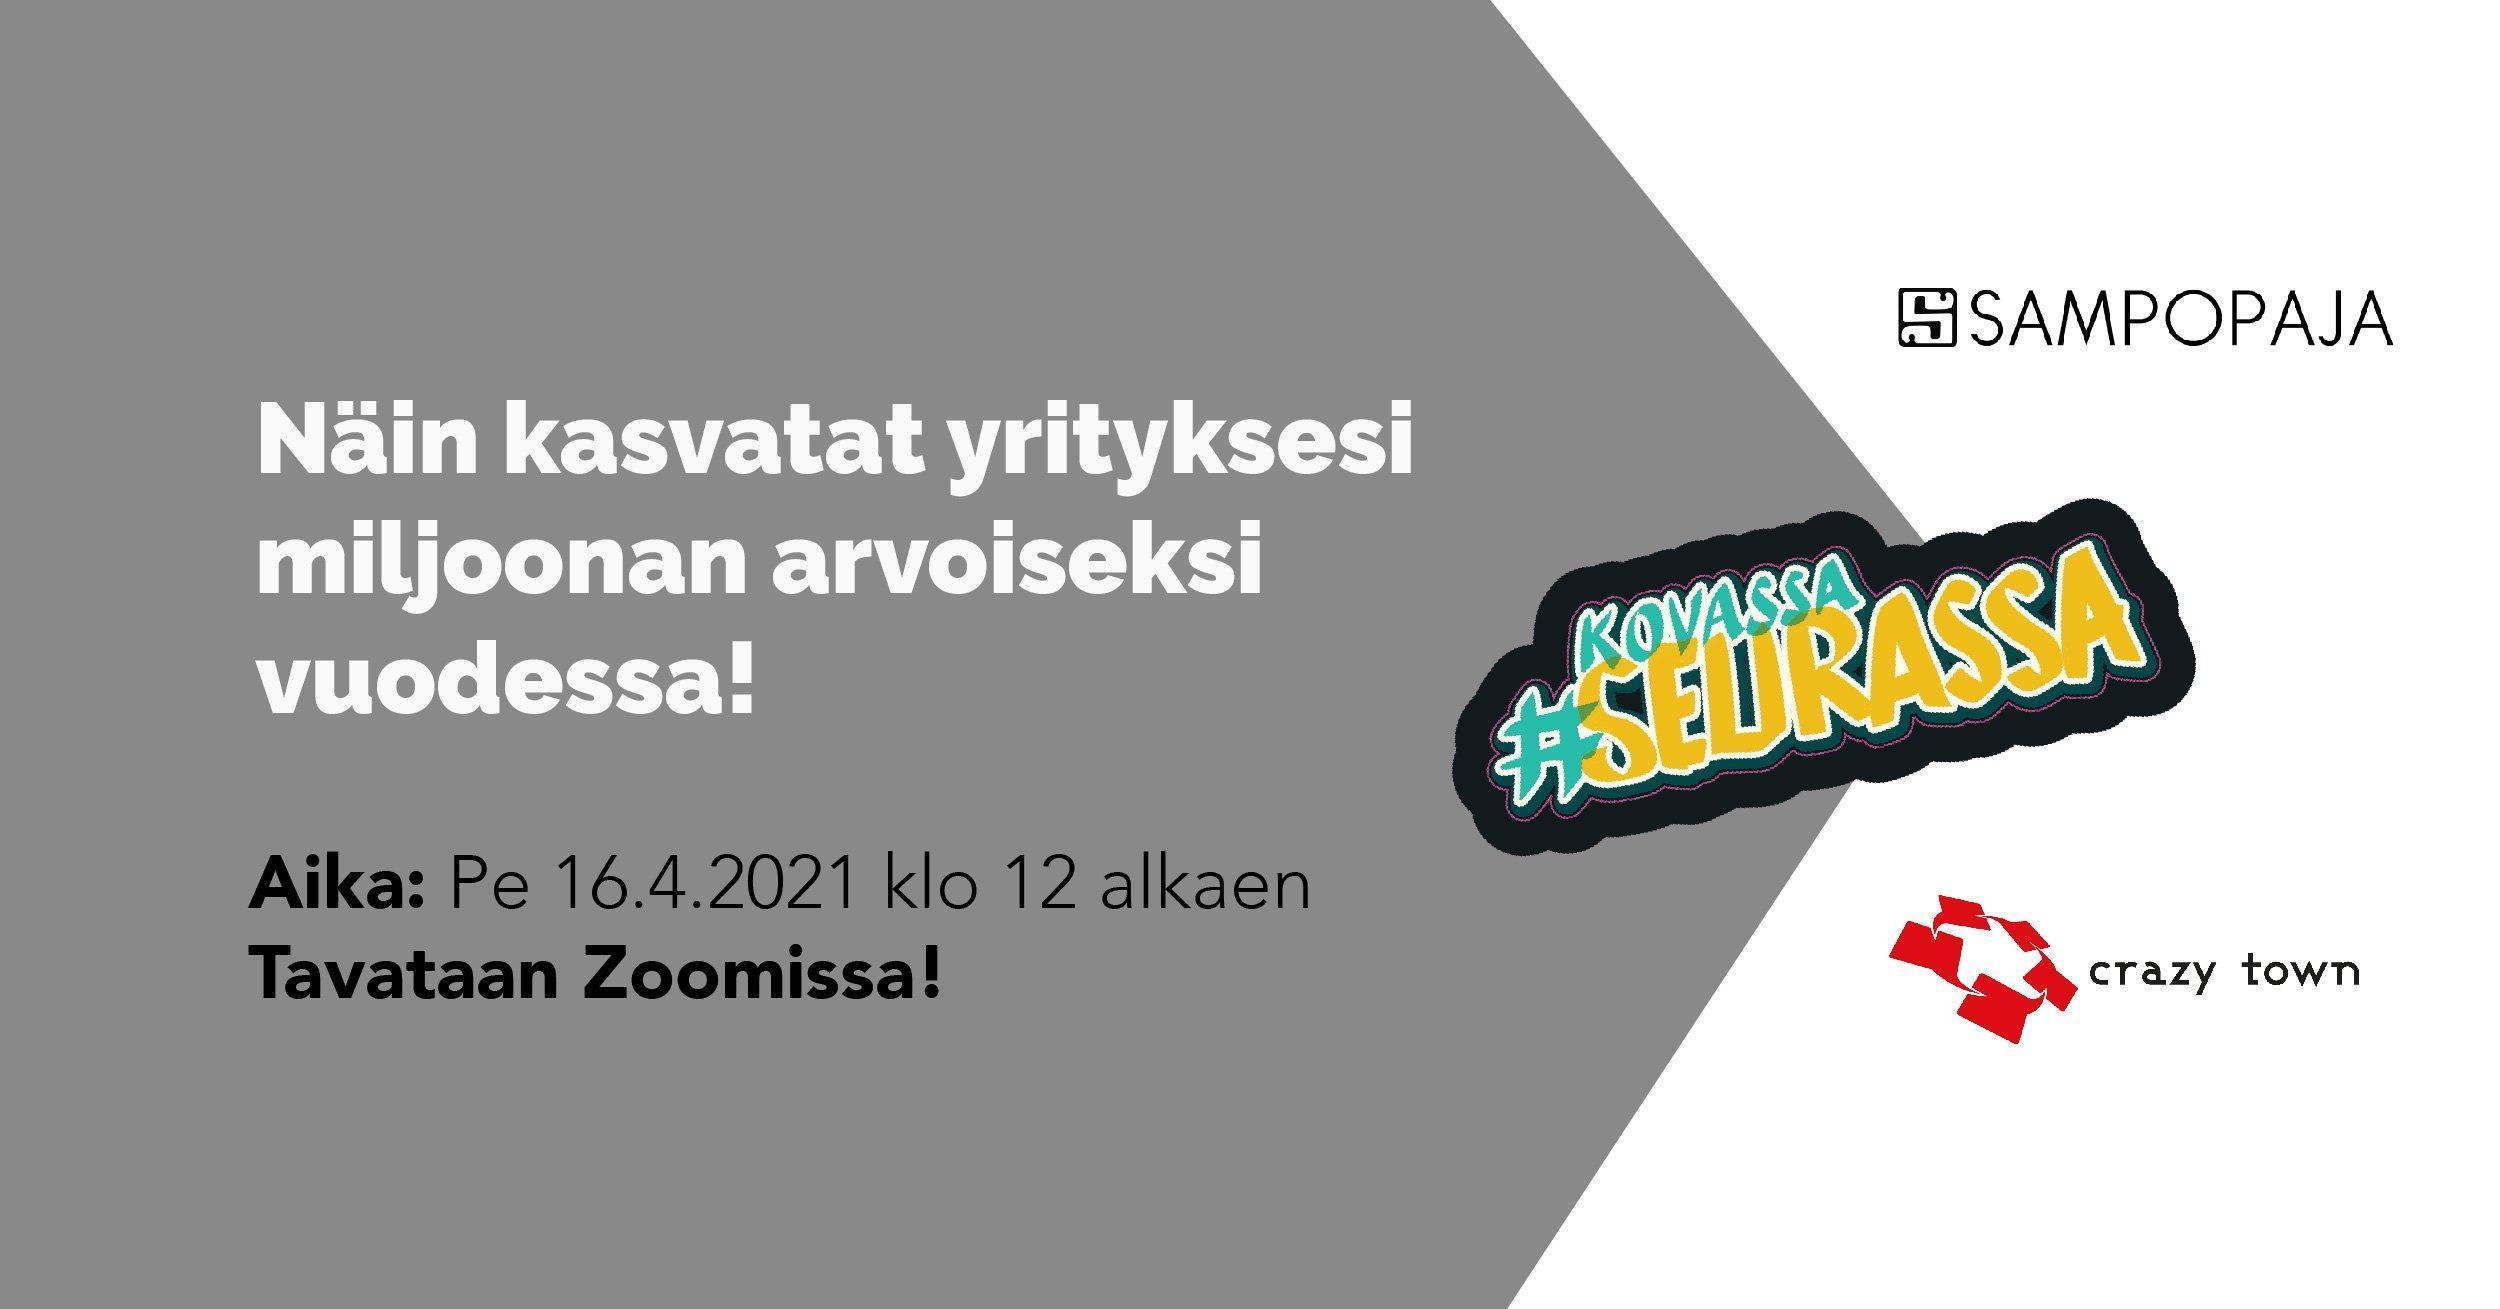 Crazy Town yhteisöt Kartta Suomi